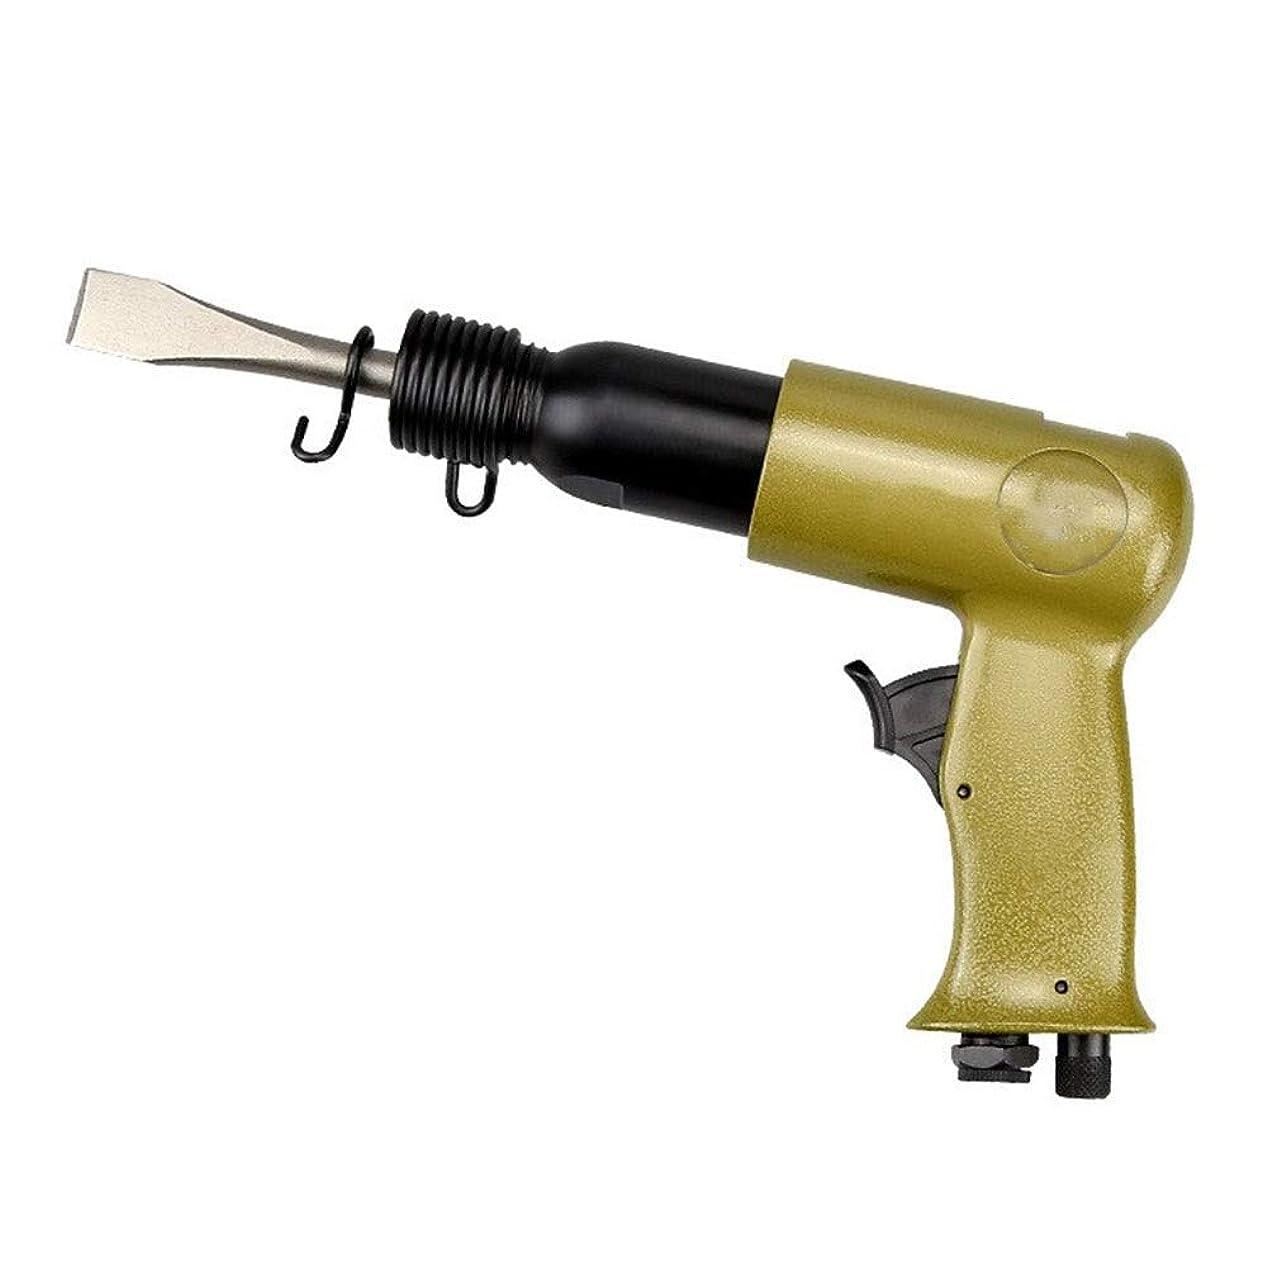 誰の憤るおもしろいエア工具 工業用ガンエアシャベル、錆の除去シャベル工業用グレードハンドツール 多機能 人間工学的